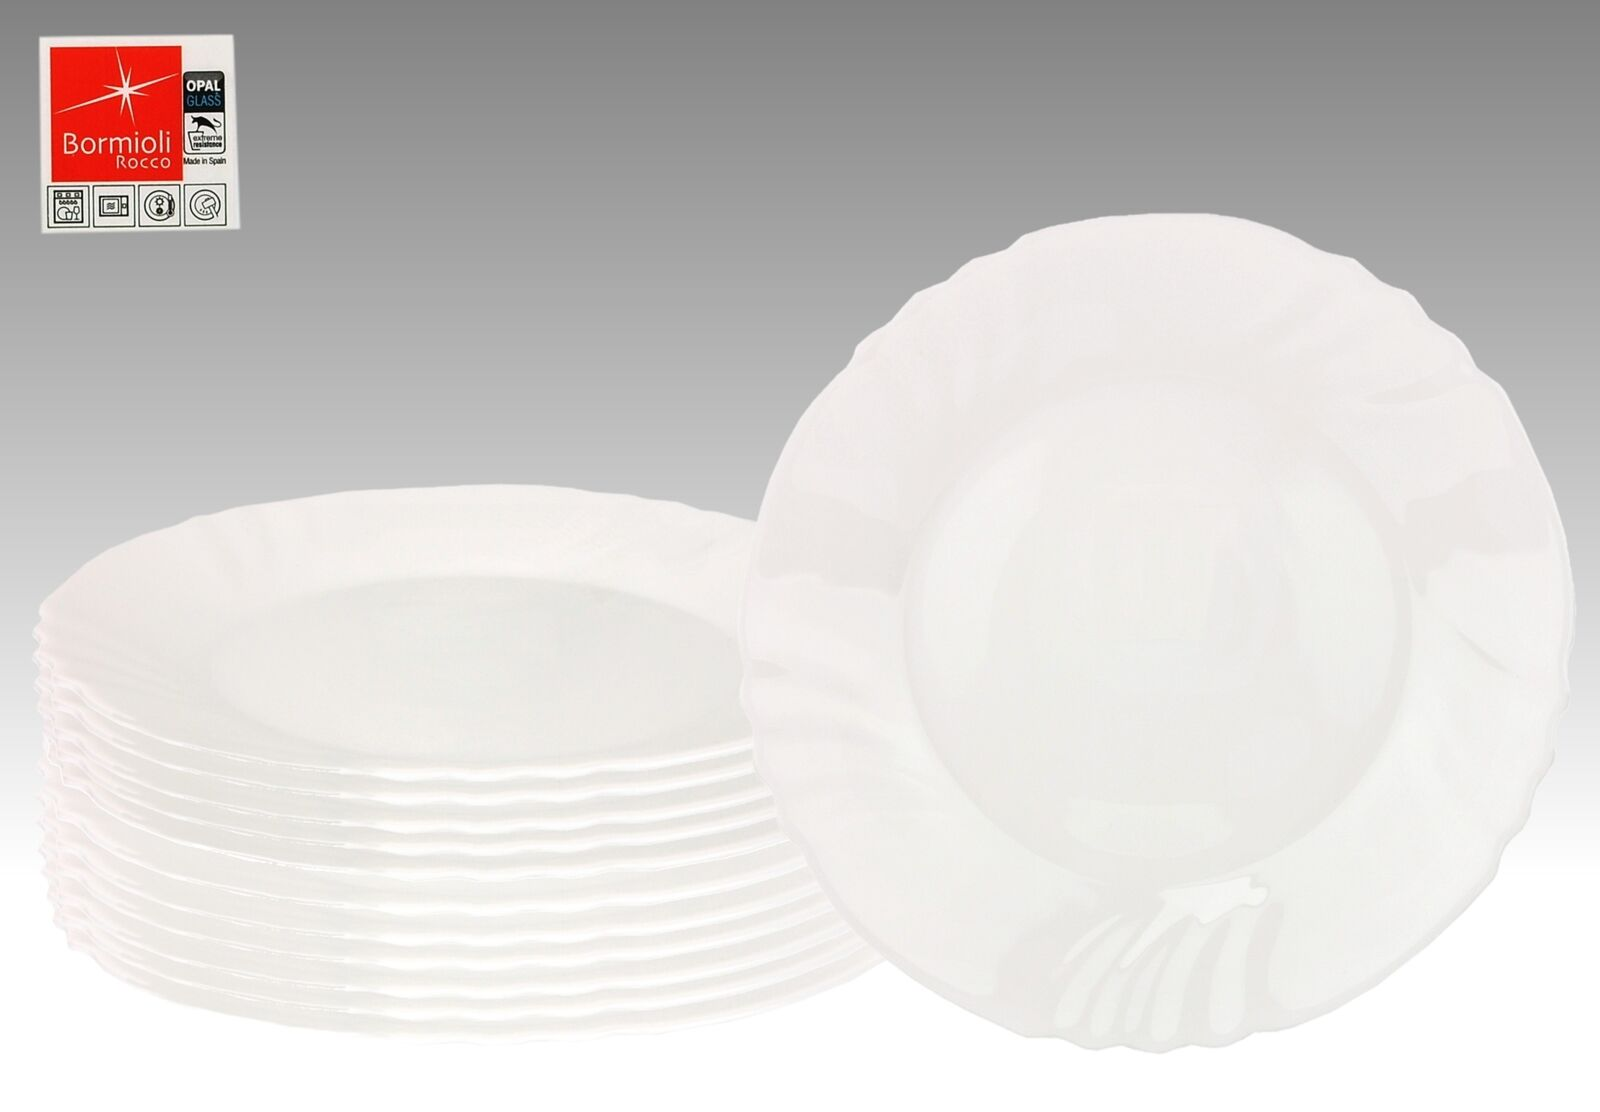 12er Set Essteller flach Ebro 25cm Hartglas Speiseteller weiß Geschirr Teller